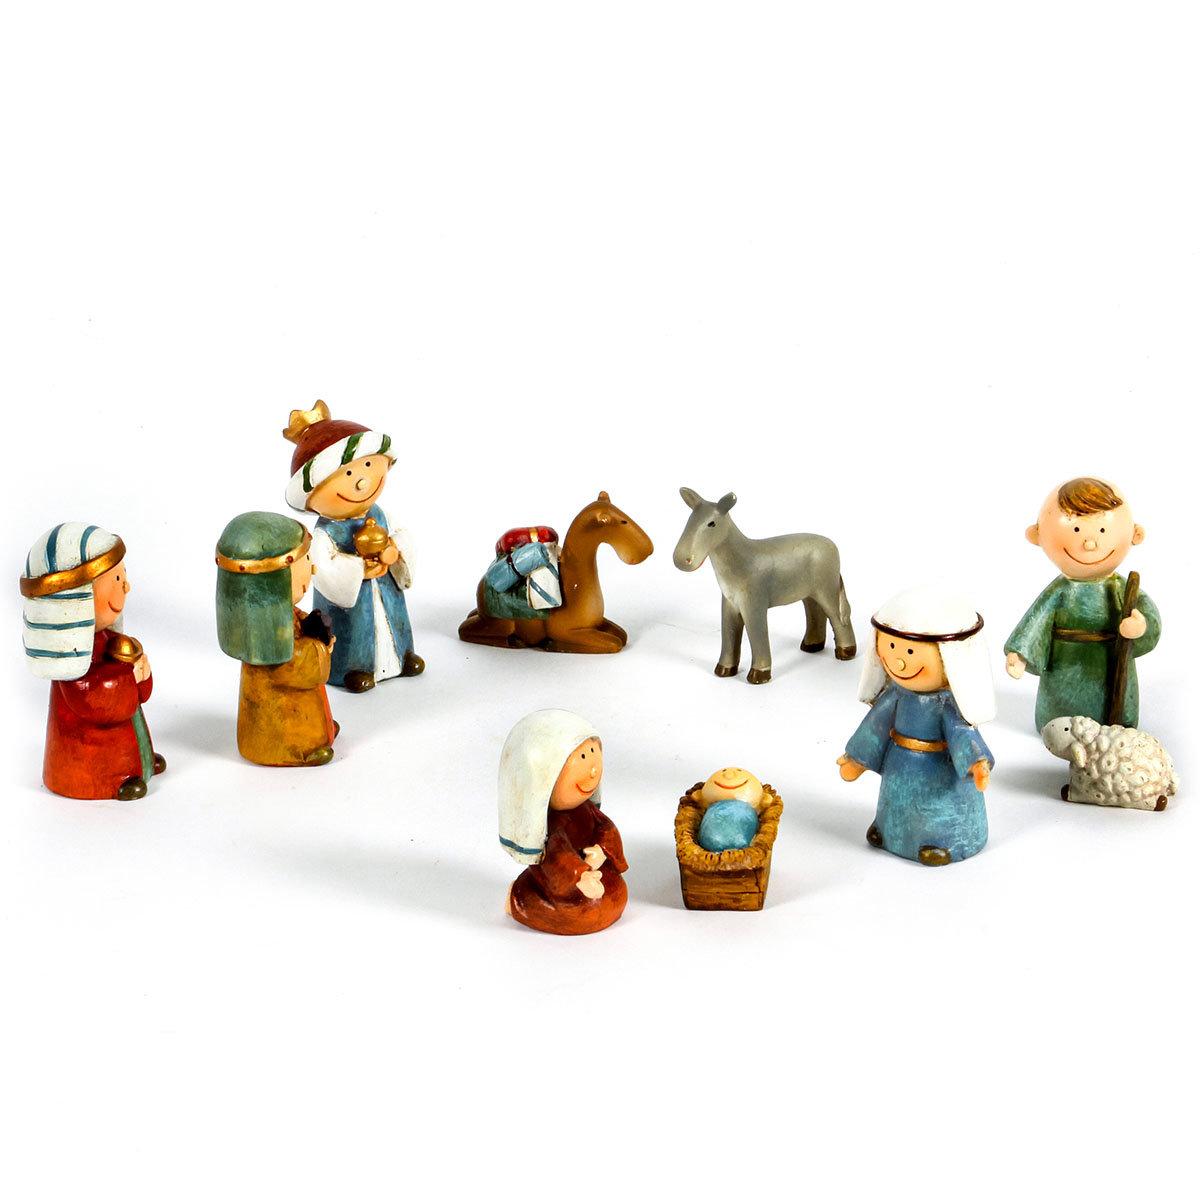 Kinder-Krippenfiguren, 10er-Set